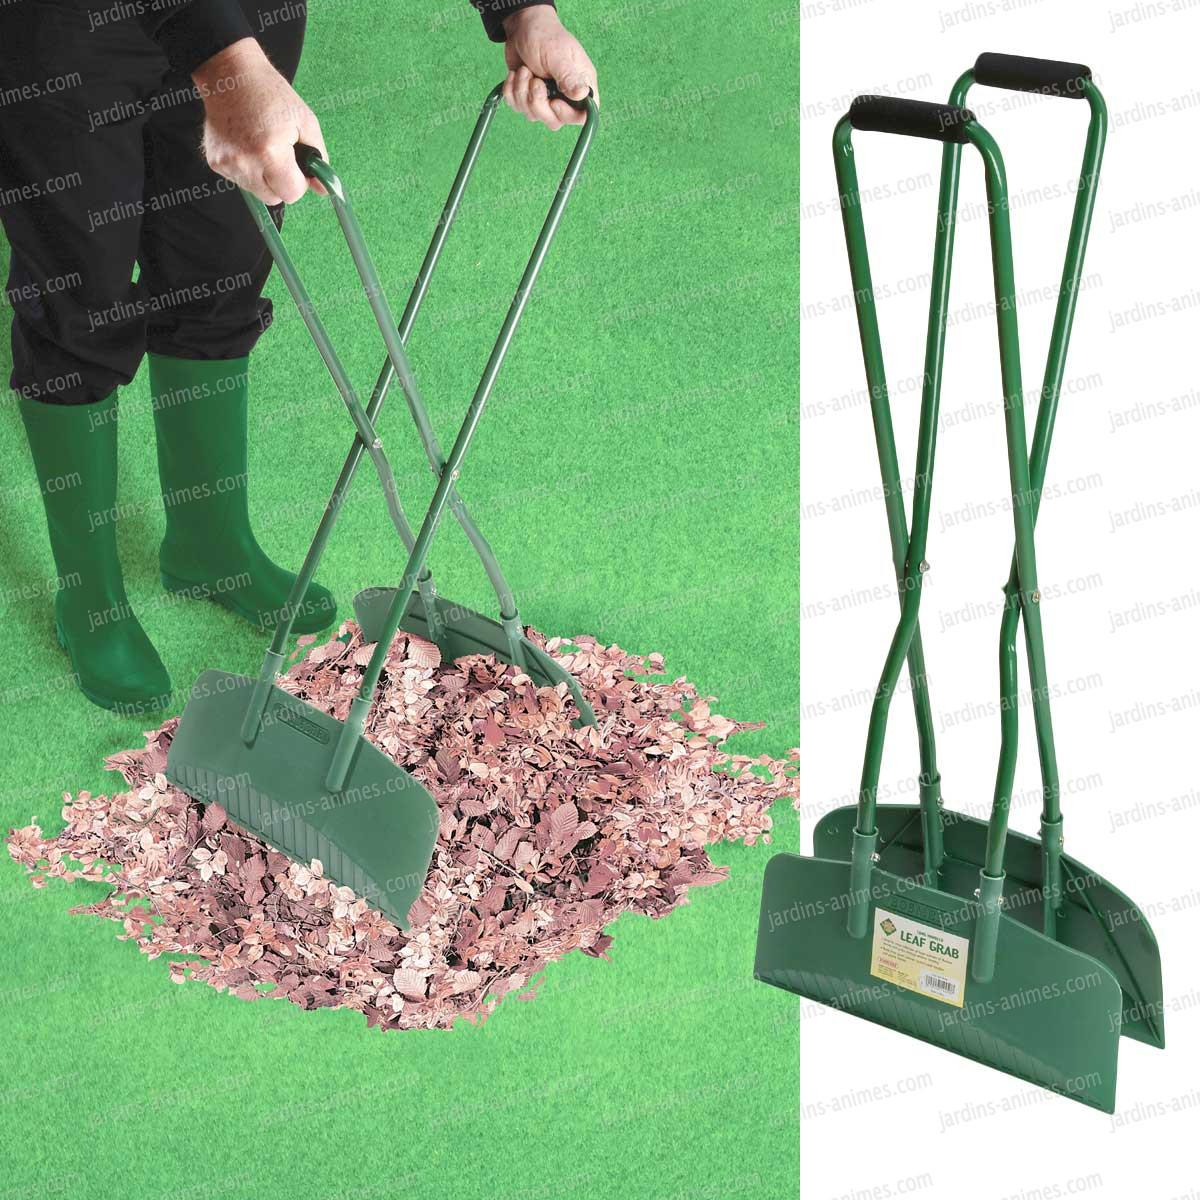 pince feuilles long manche outil entretien de la pelouse. Black Bedroom Furniture Sets. Home Design Ideas